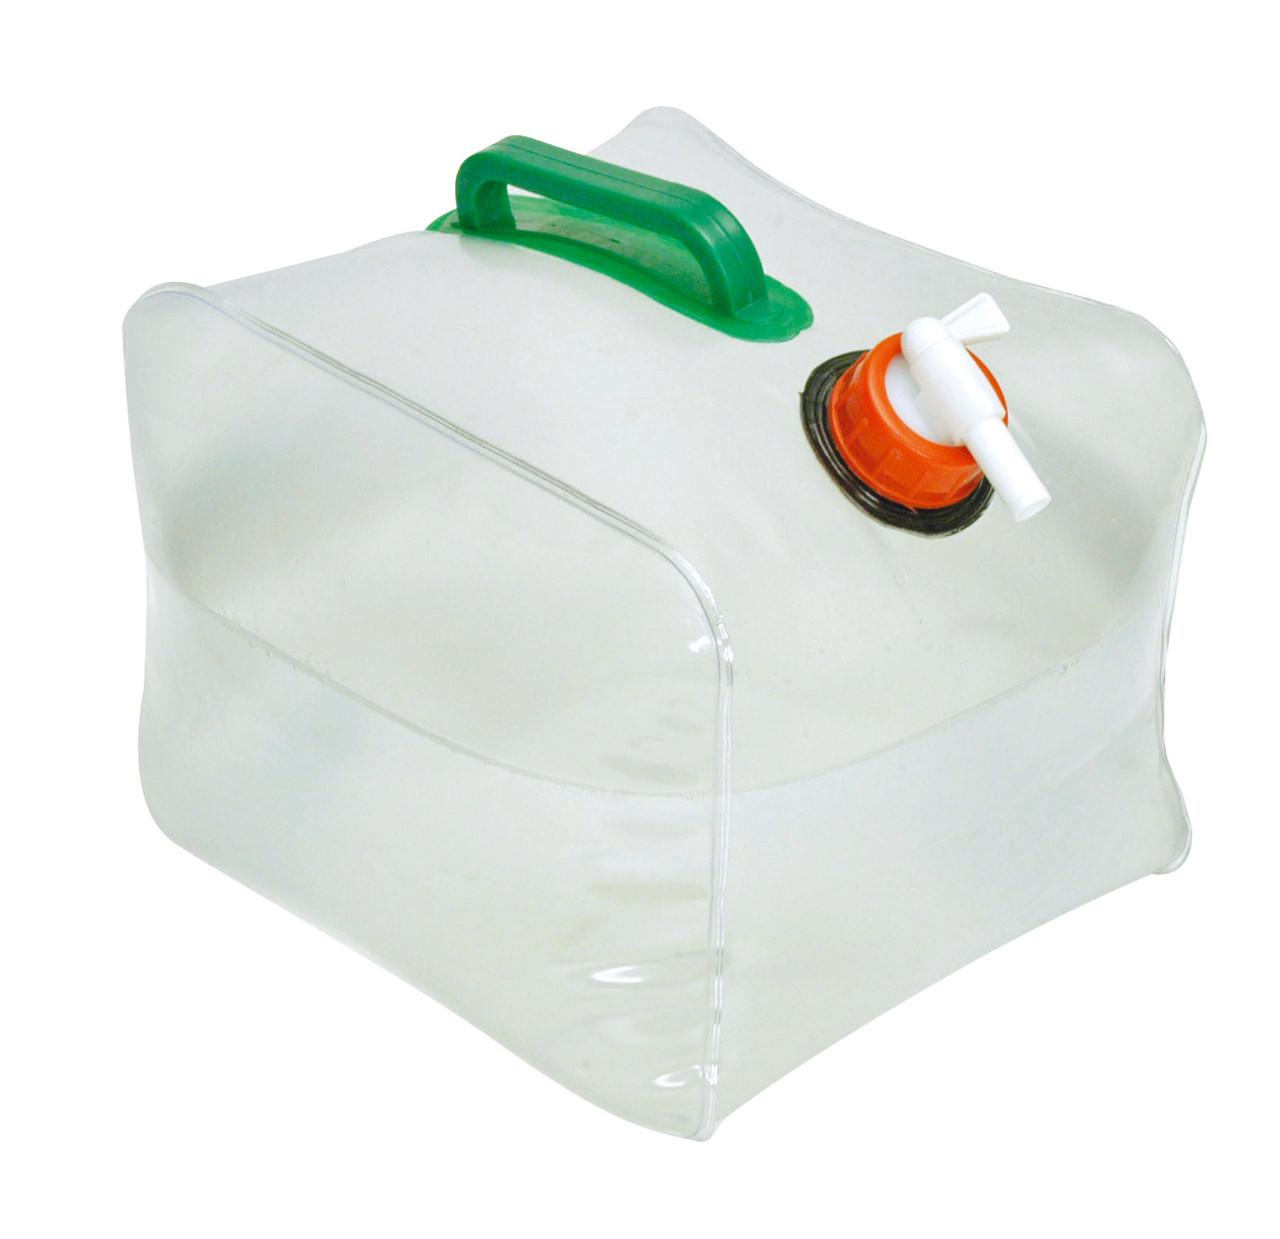 Канистра для воды складная 15 л Ликвидация склада с летними товарами